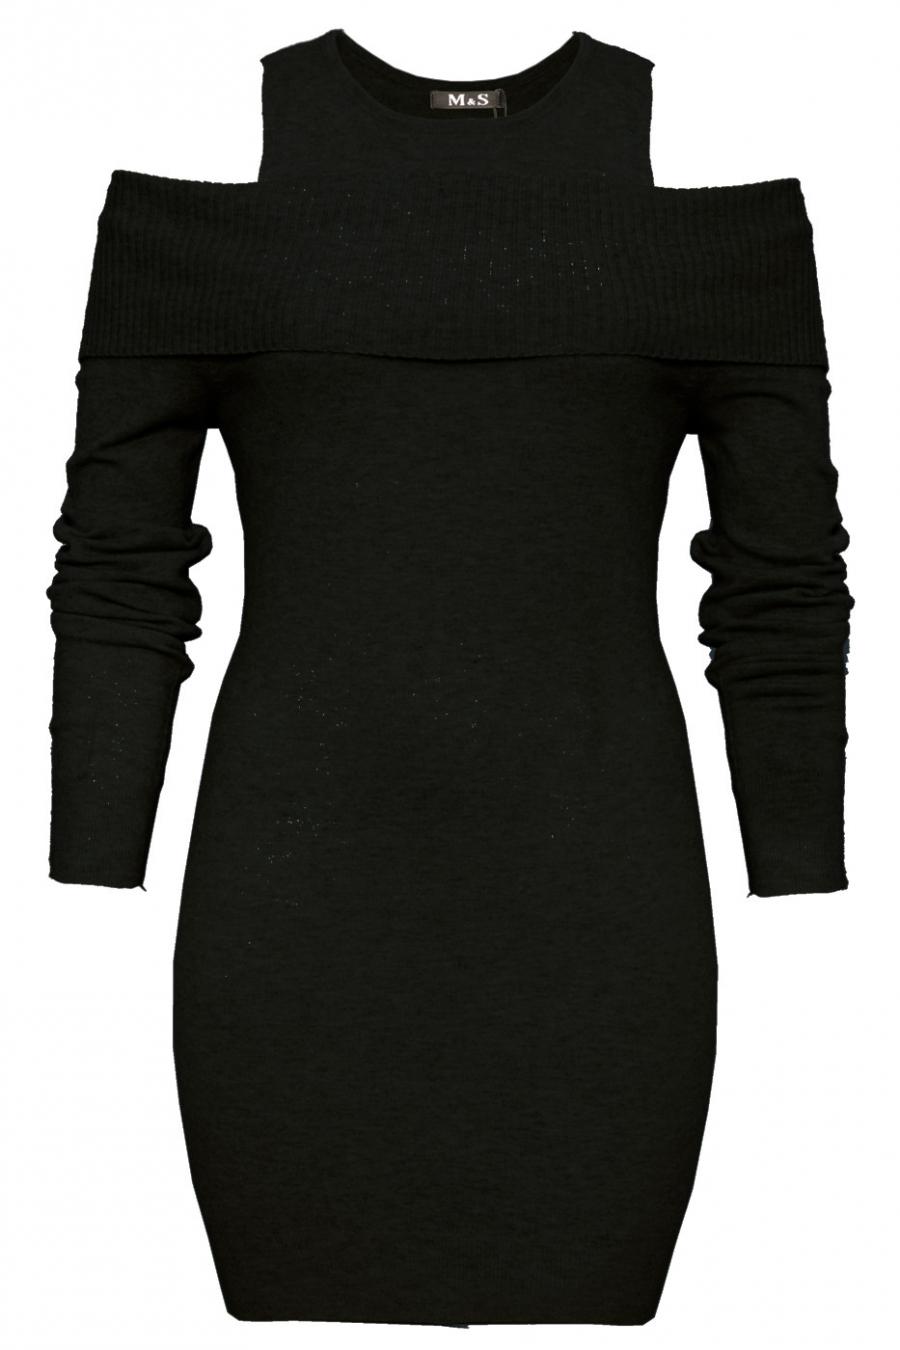 Mooie zwarte tuniek open schouder. Trendy kleding 1969